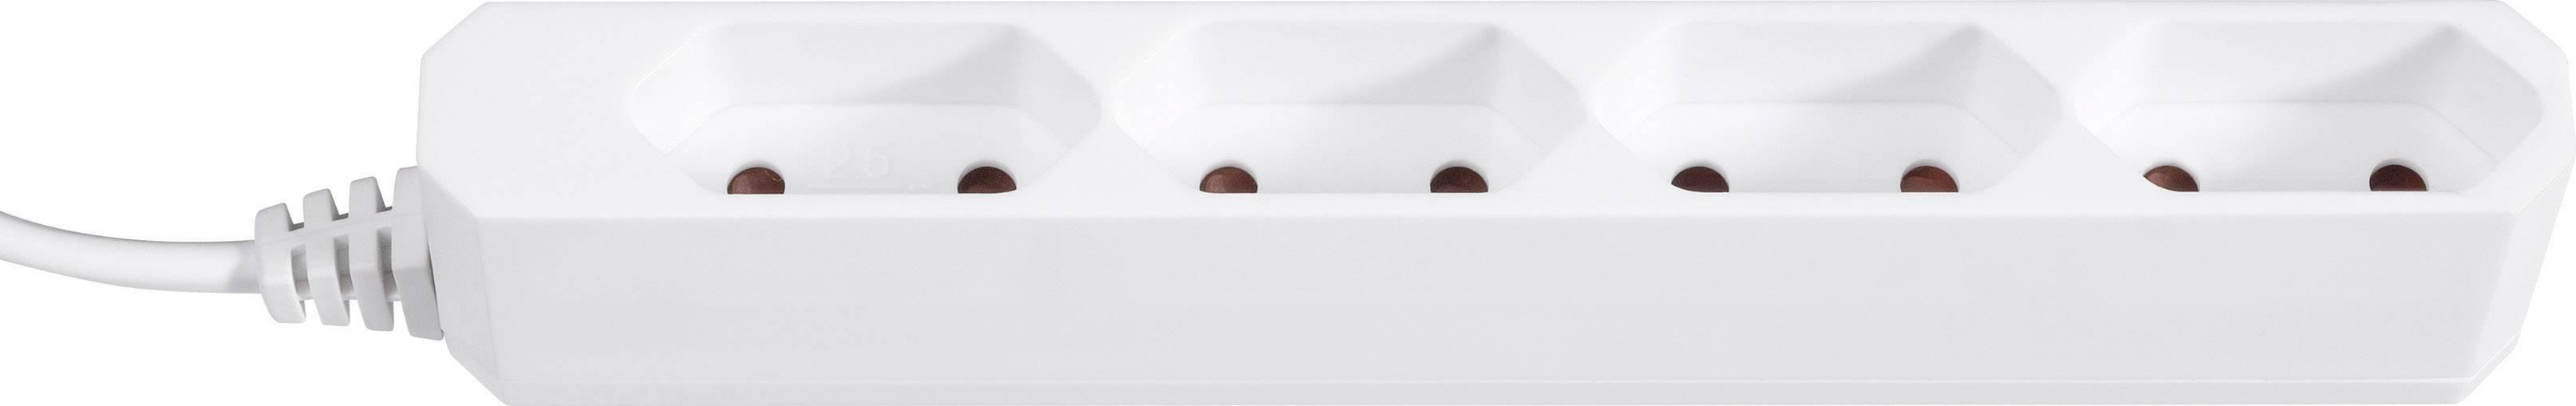 Zásuvková lišta GAO, 4 zásuvky, biela